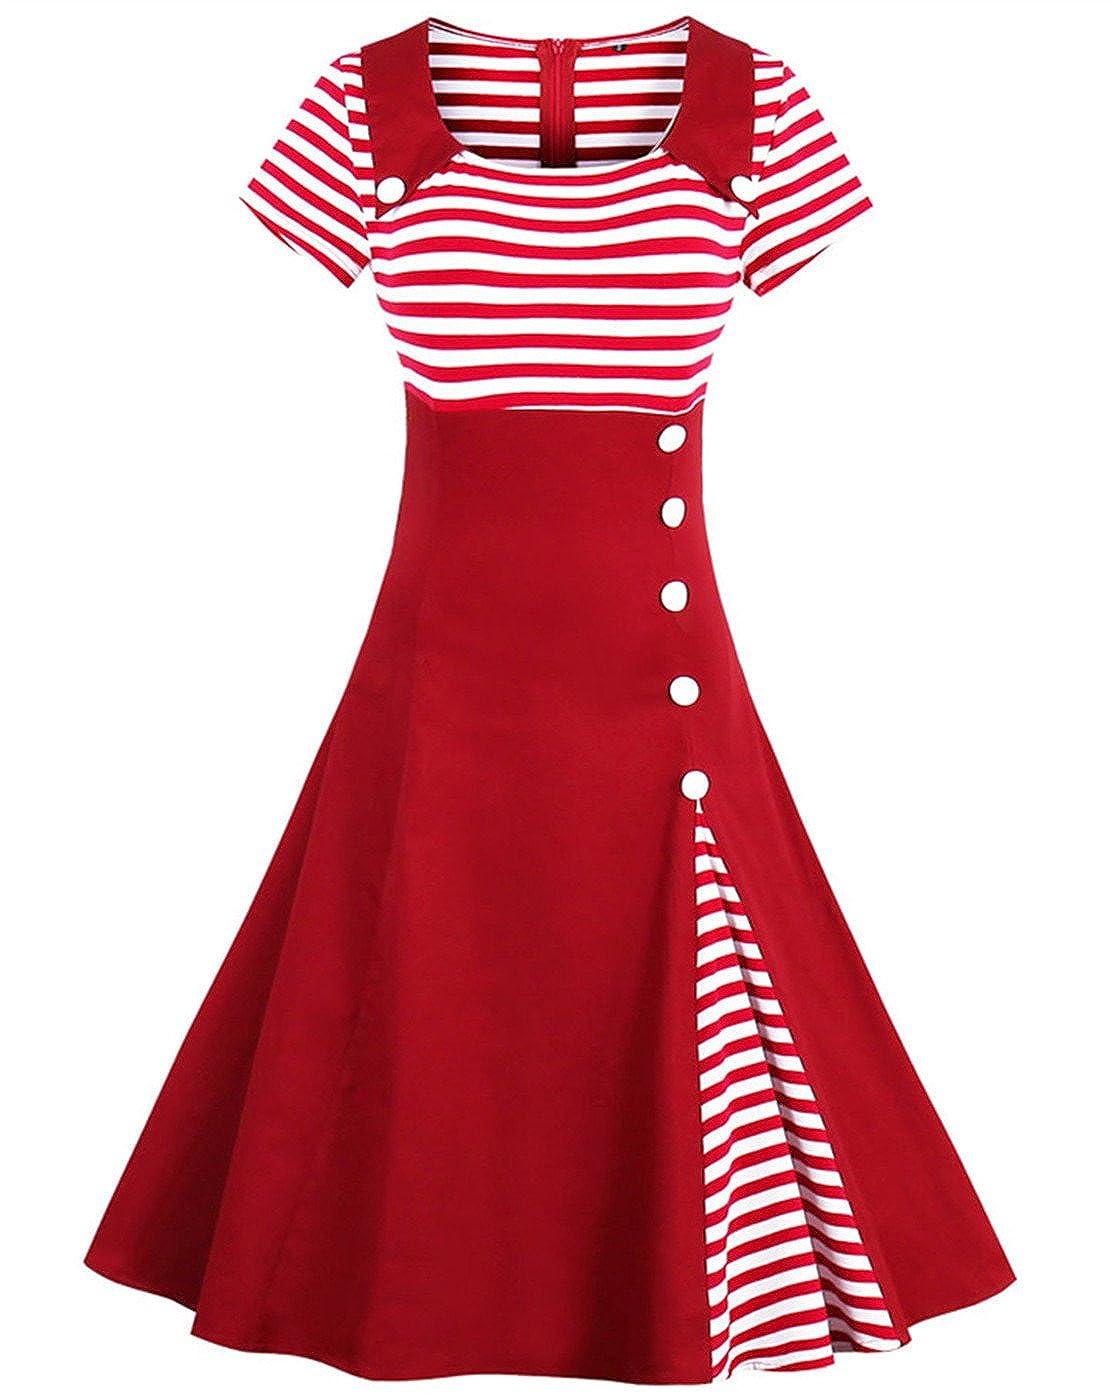 Women's Vintage Pin Up A Line Stripes Sailor Dress